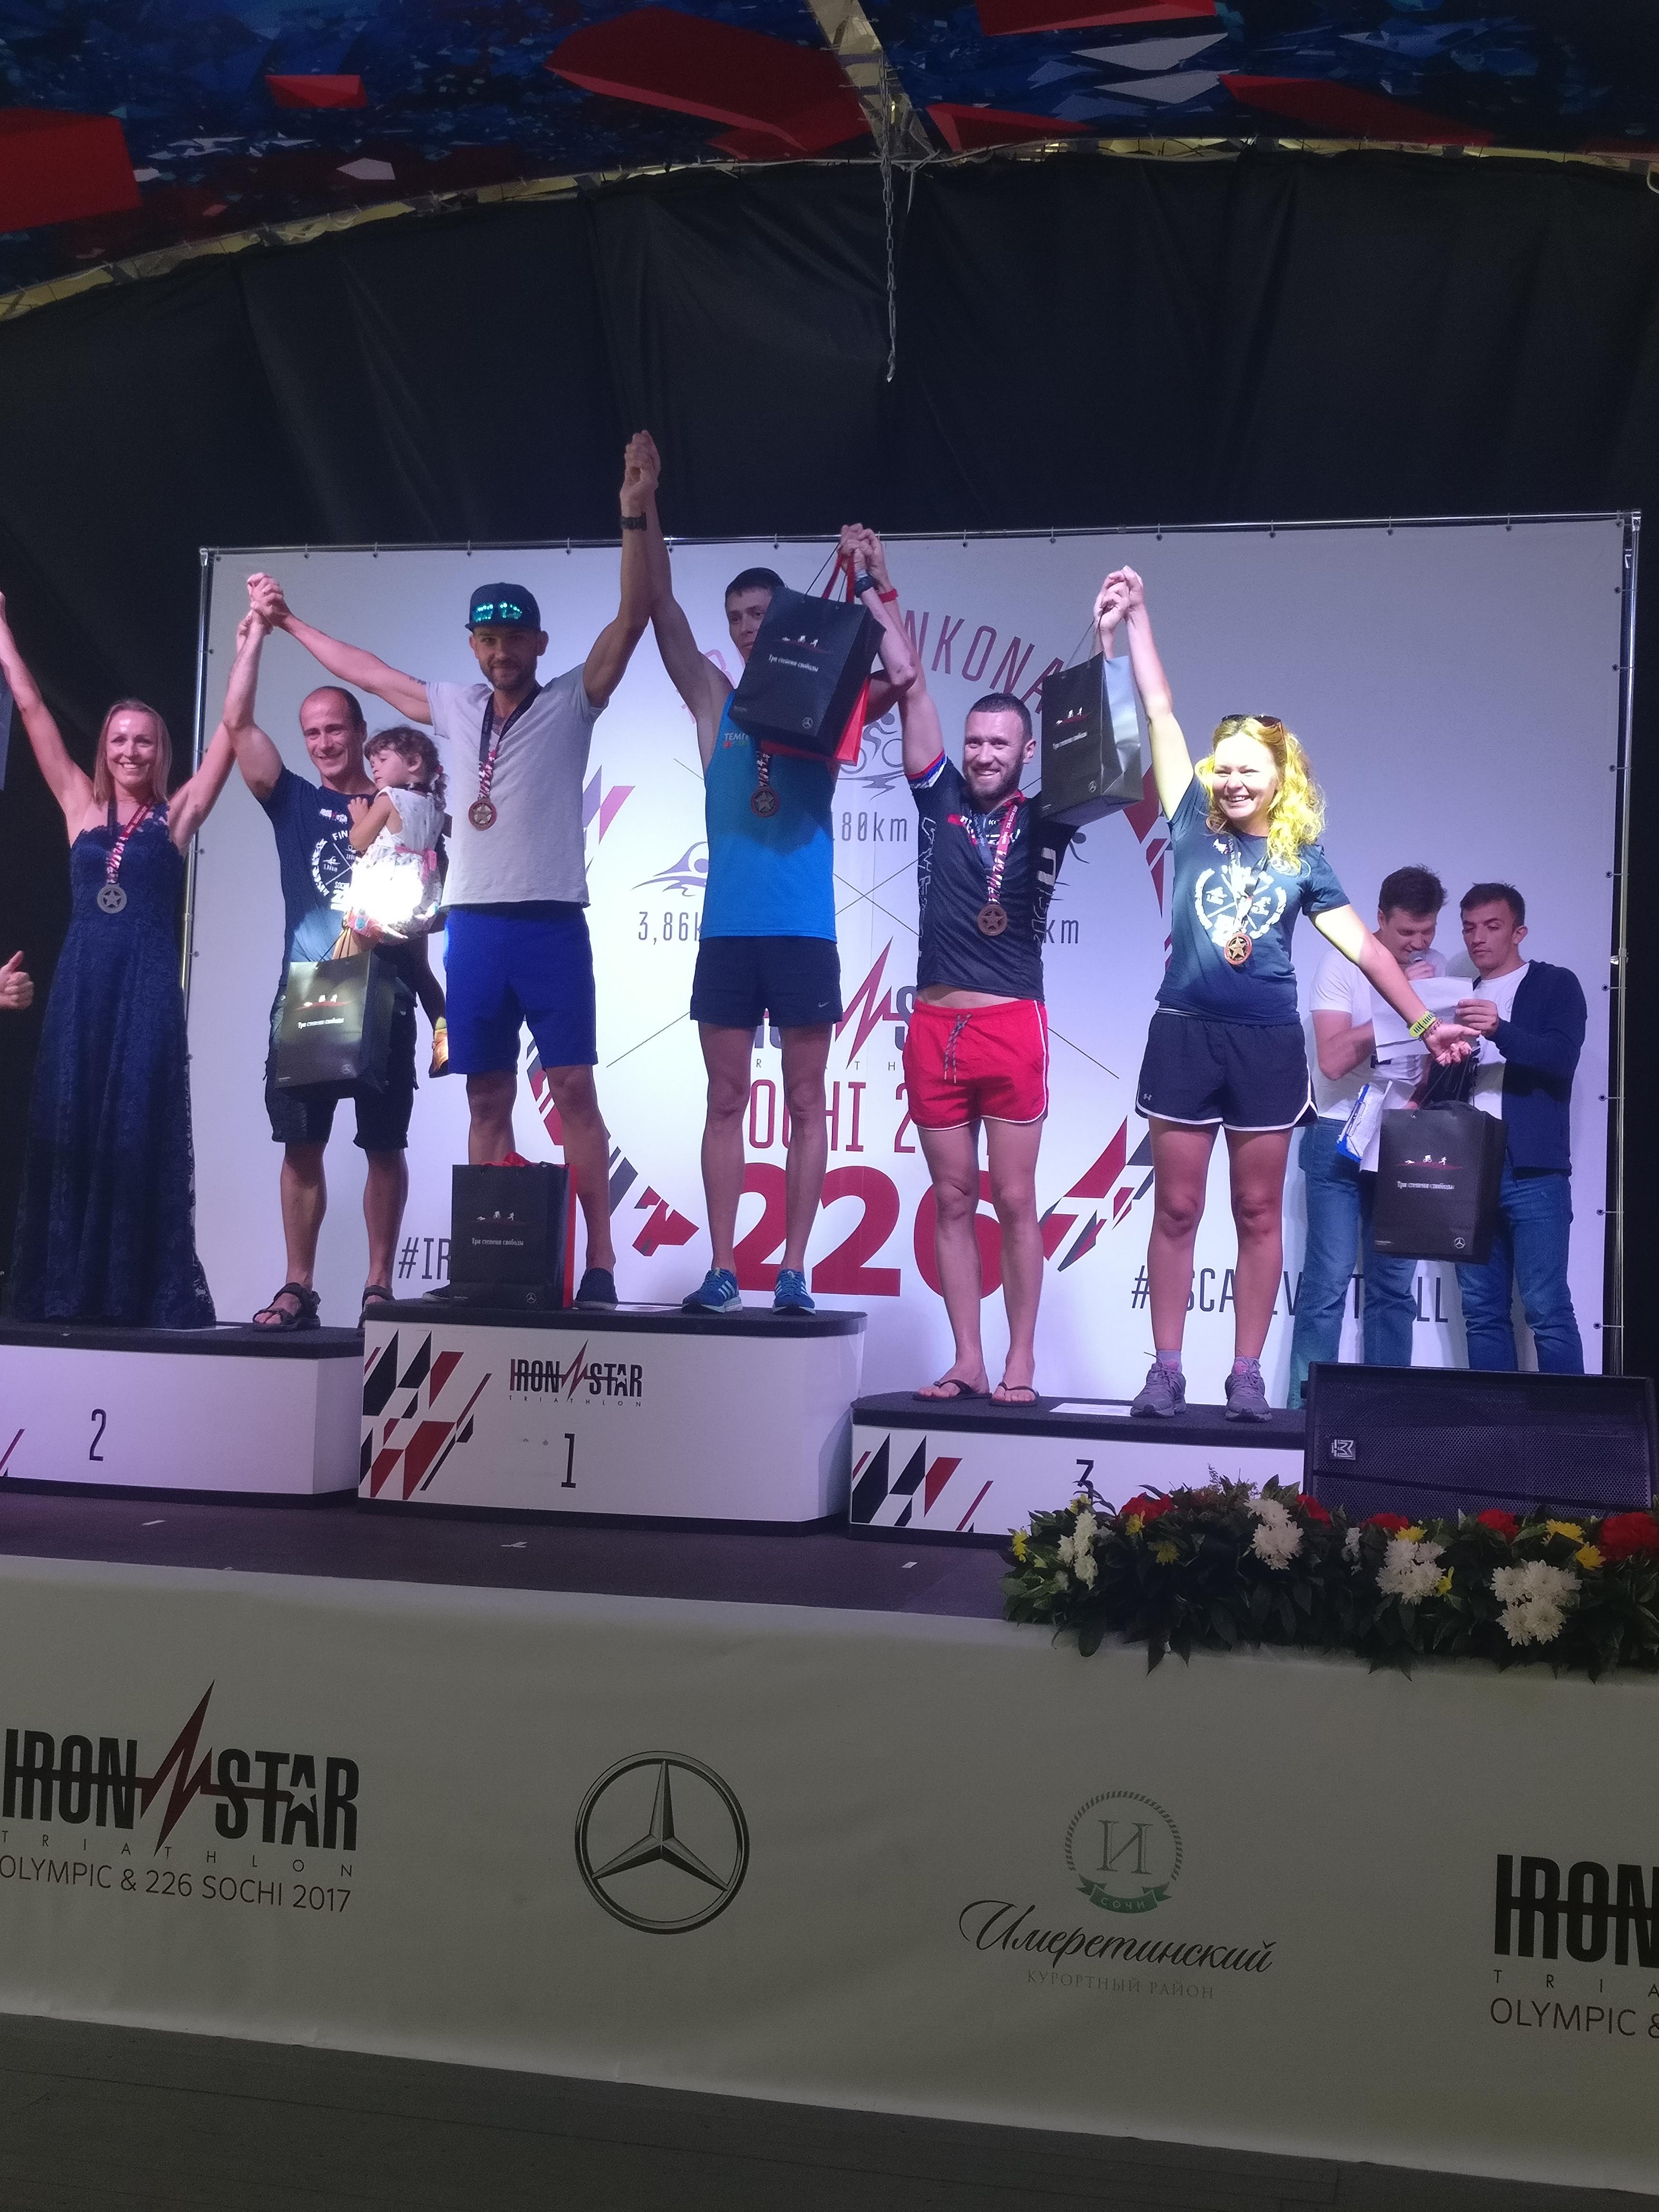 Награждение на Ironstar 226 Sochi